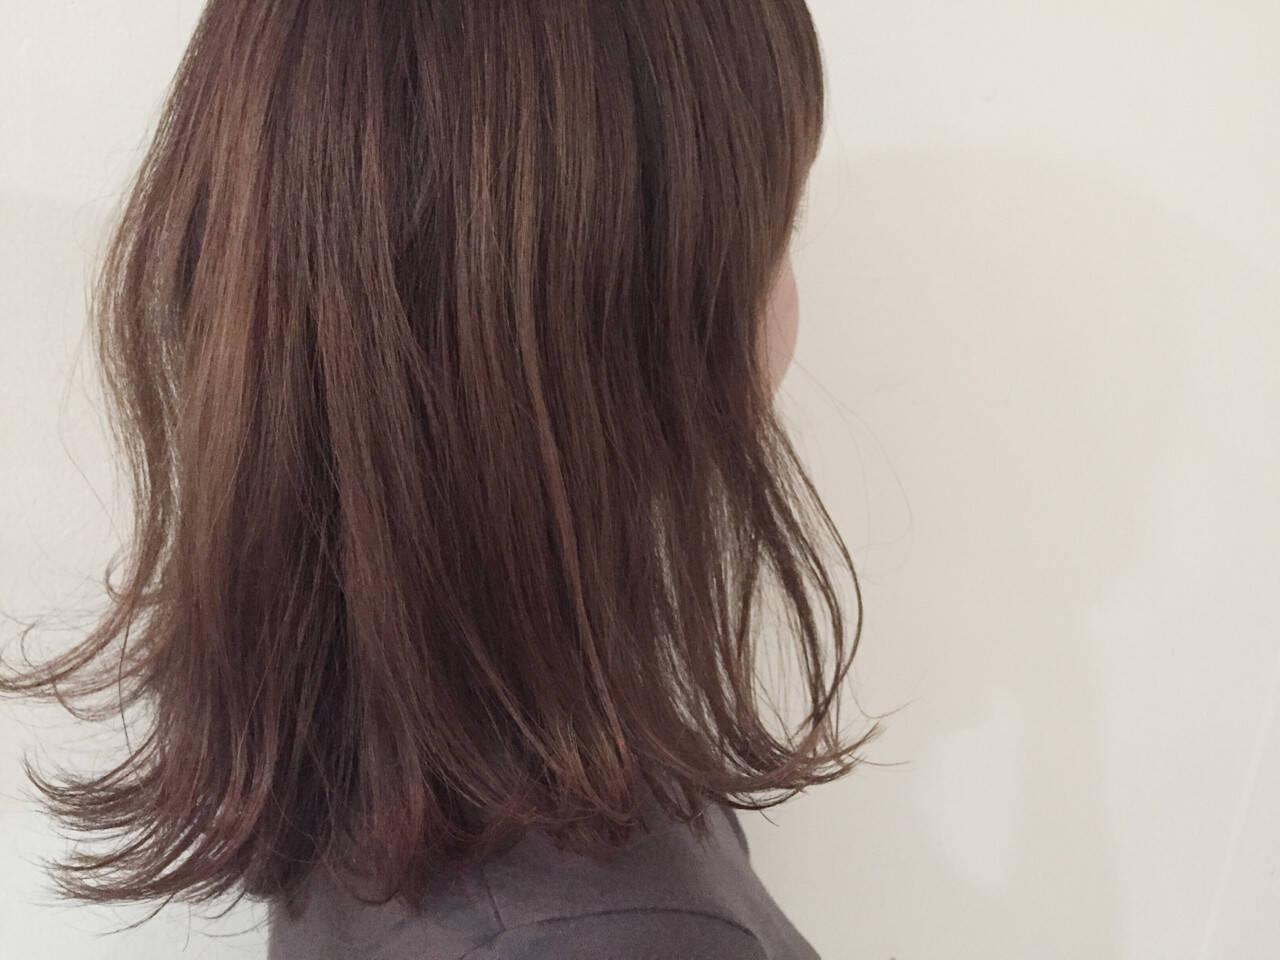 グラデーションカラー 外国人風 ストリート ボブヘアスタイルや髪型の写真・画像